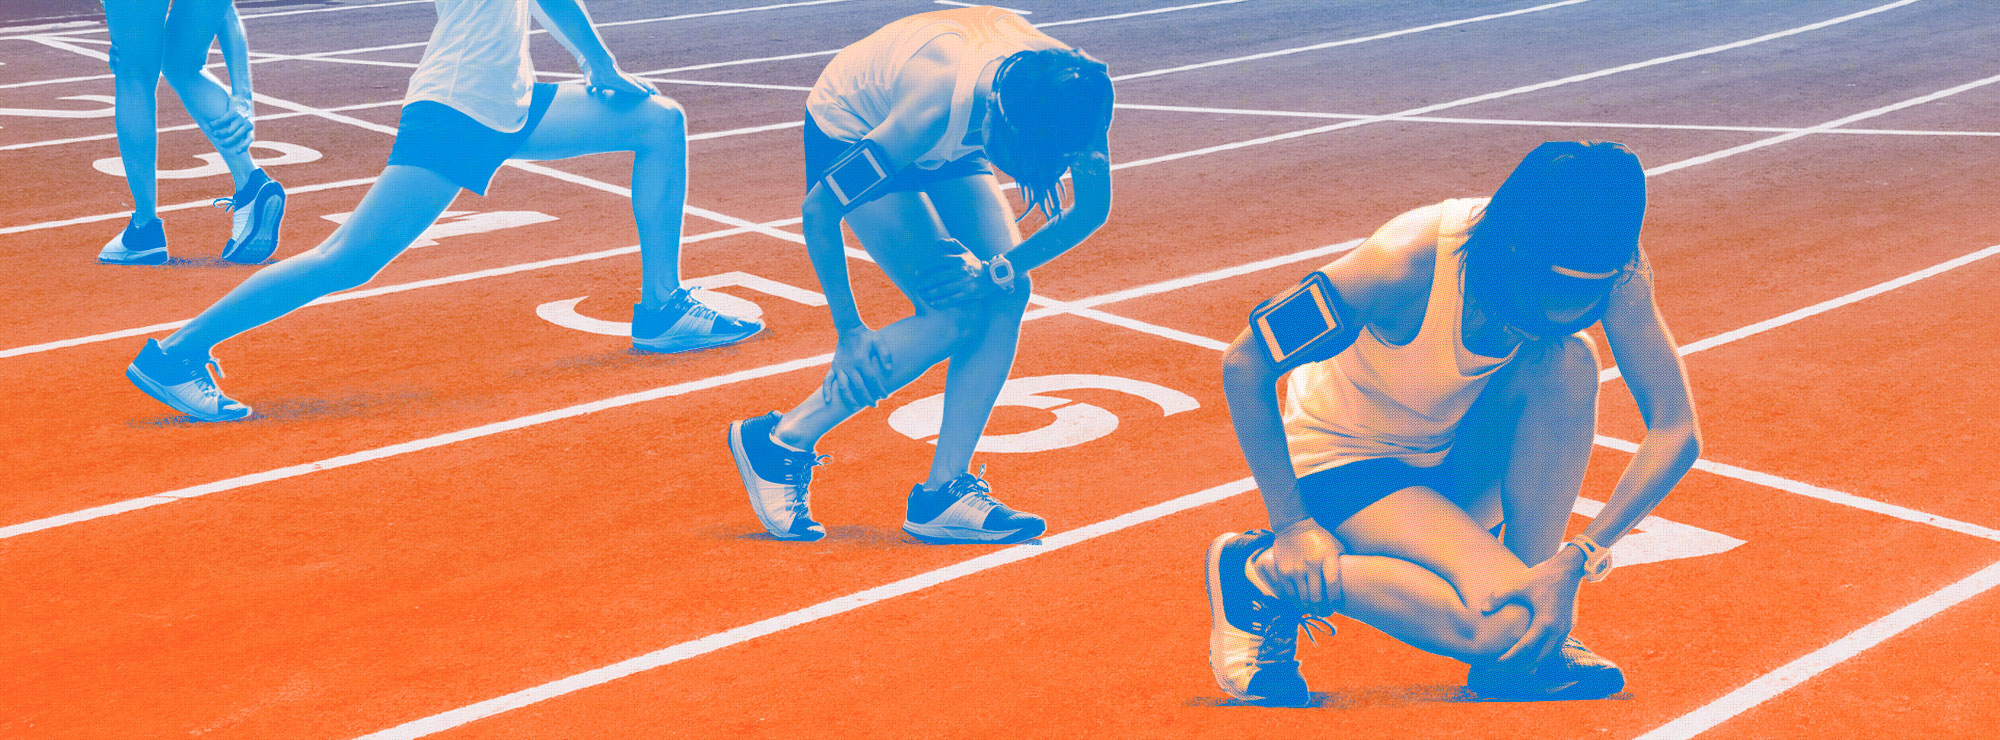 Кому нужна страховка для экстремальных видов спорта